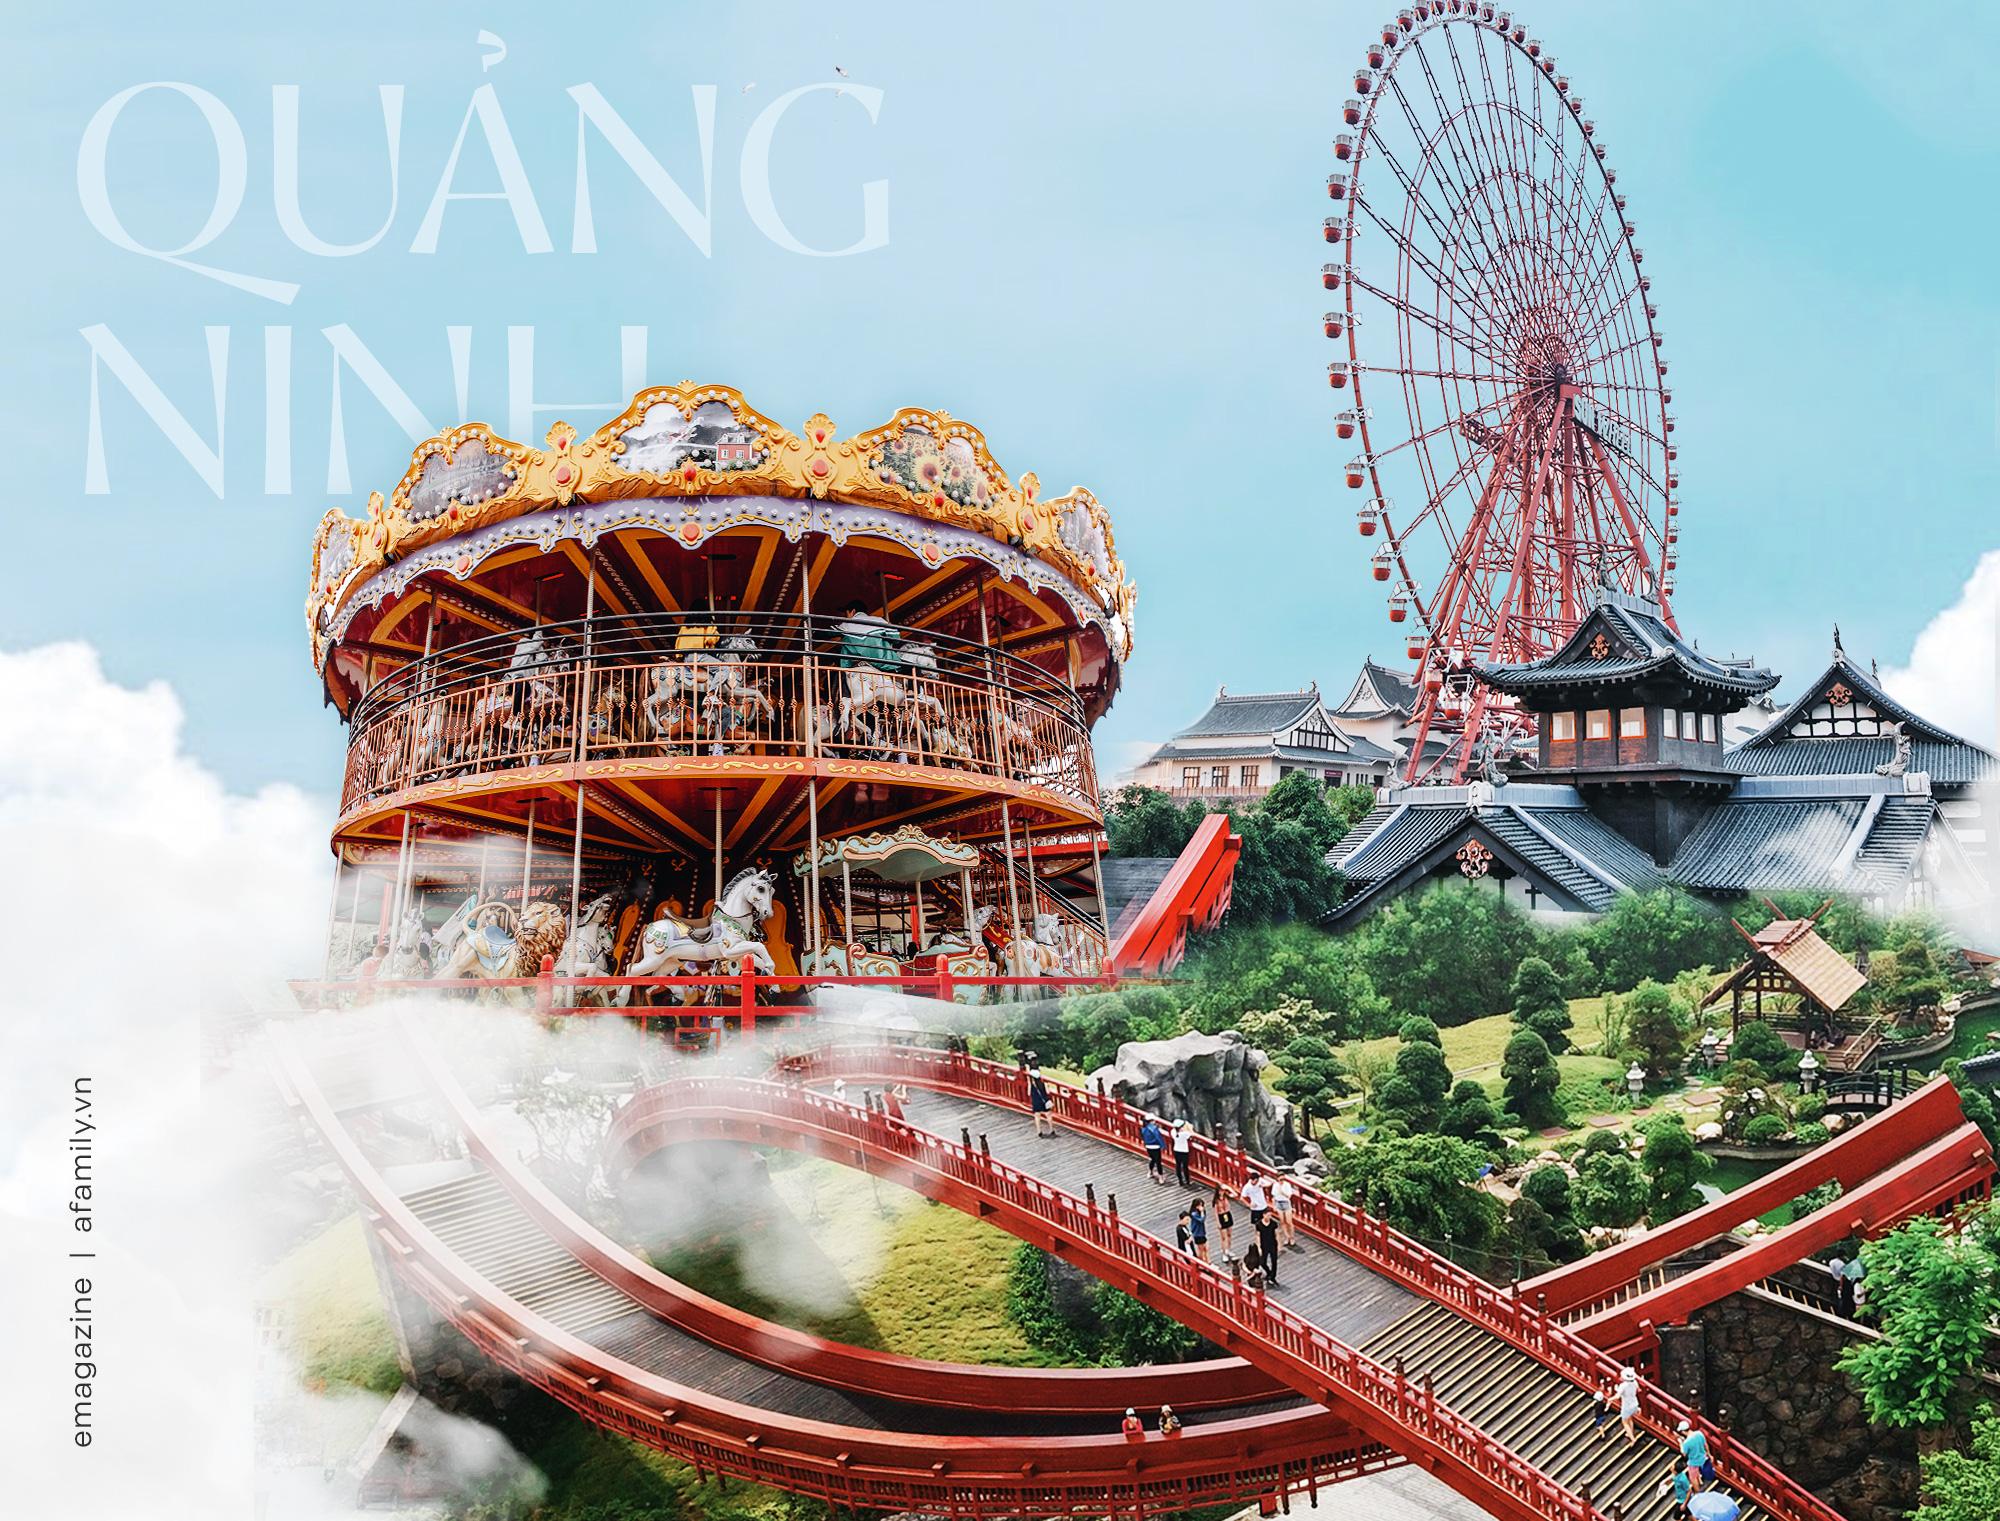 """3 ngày 2 đêm ở Quảng Ninh: Đi để biết """"xứ sở vàng đen"""" vẫn còn quá nhiều kỳ diệu để khám phá cùng nhau! - Ảnh 33."""